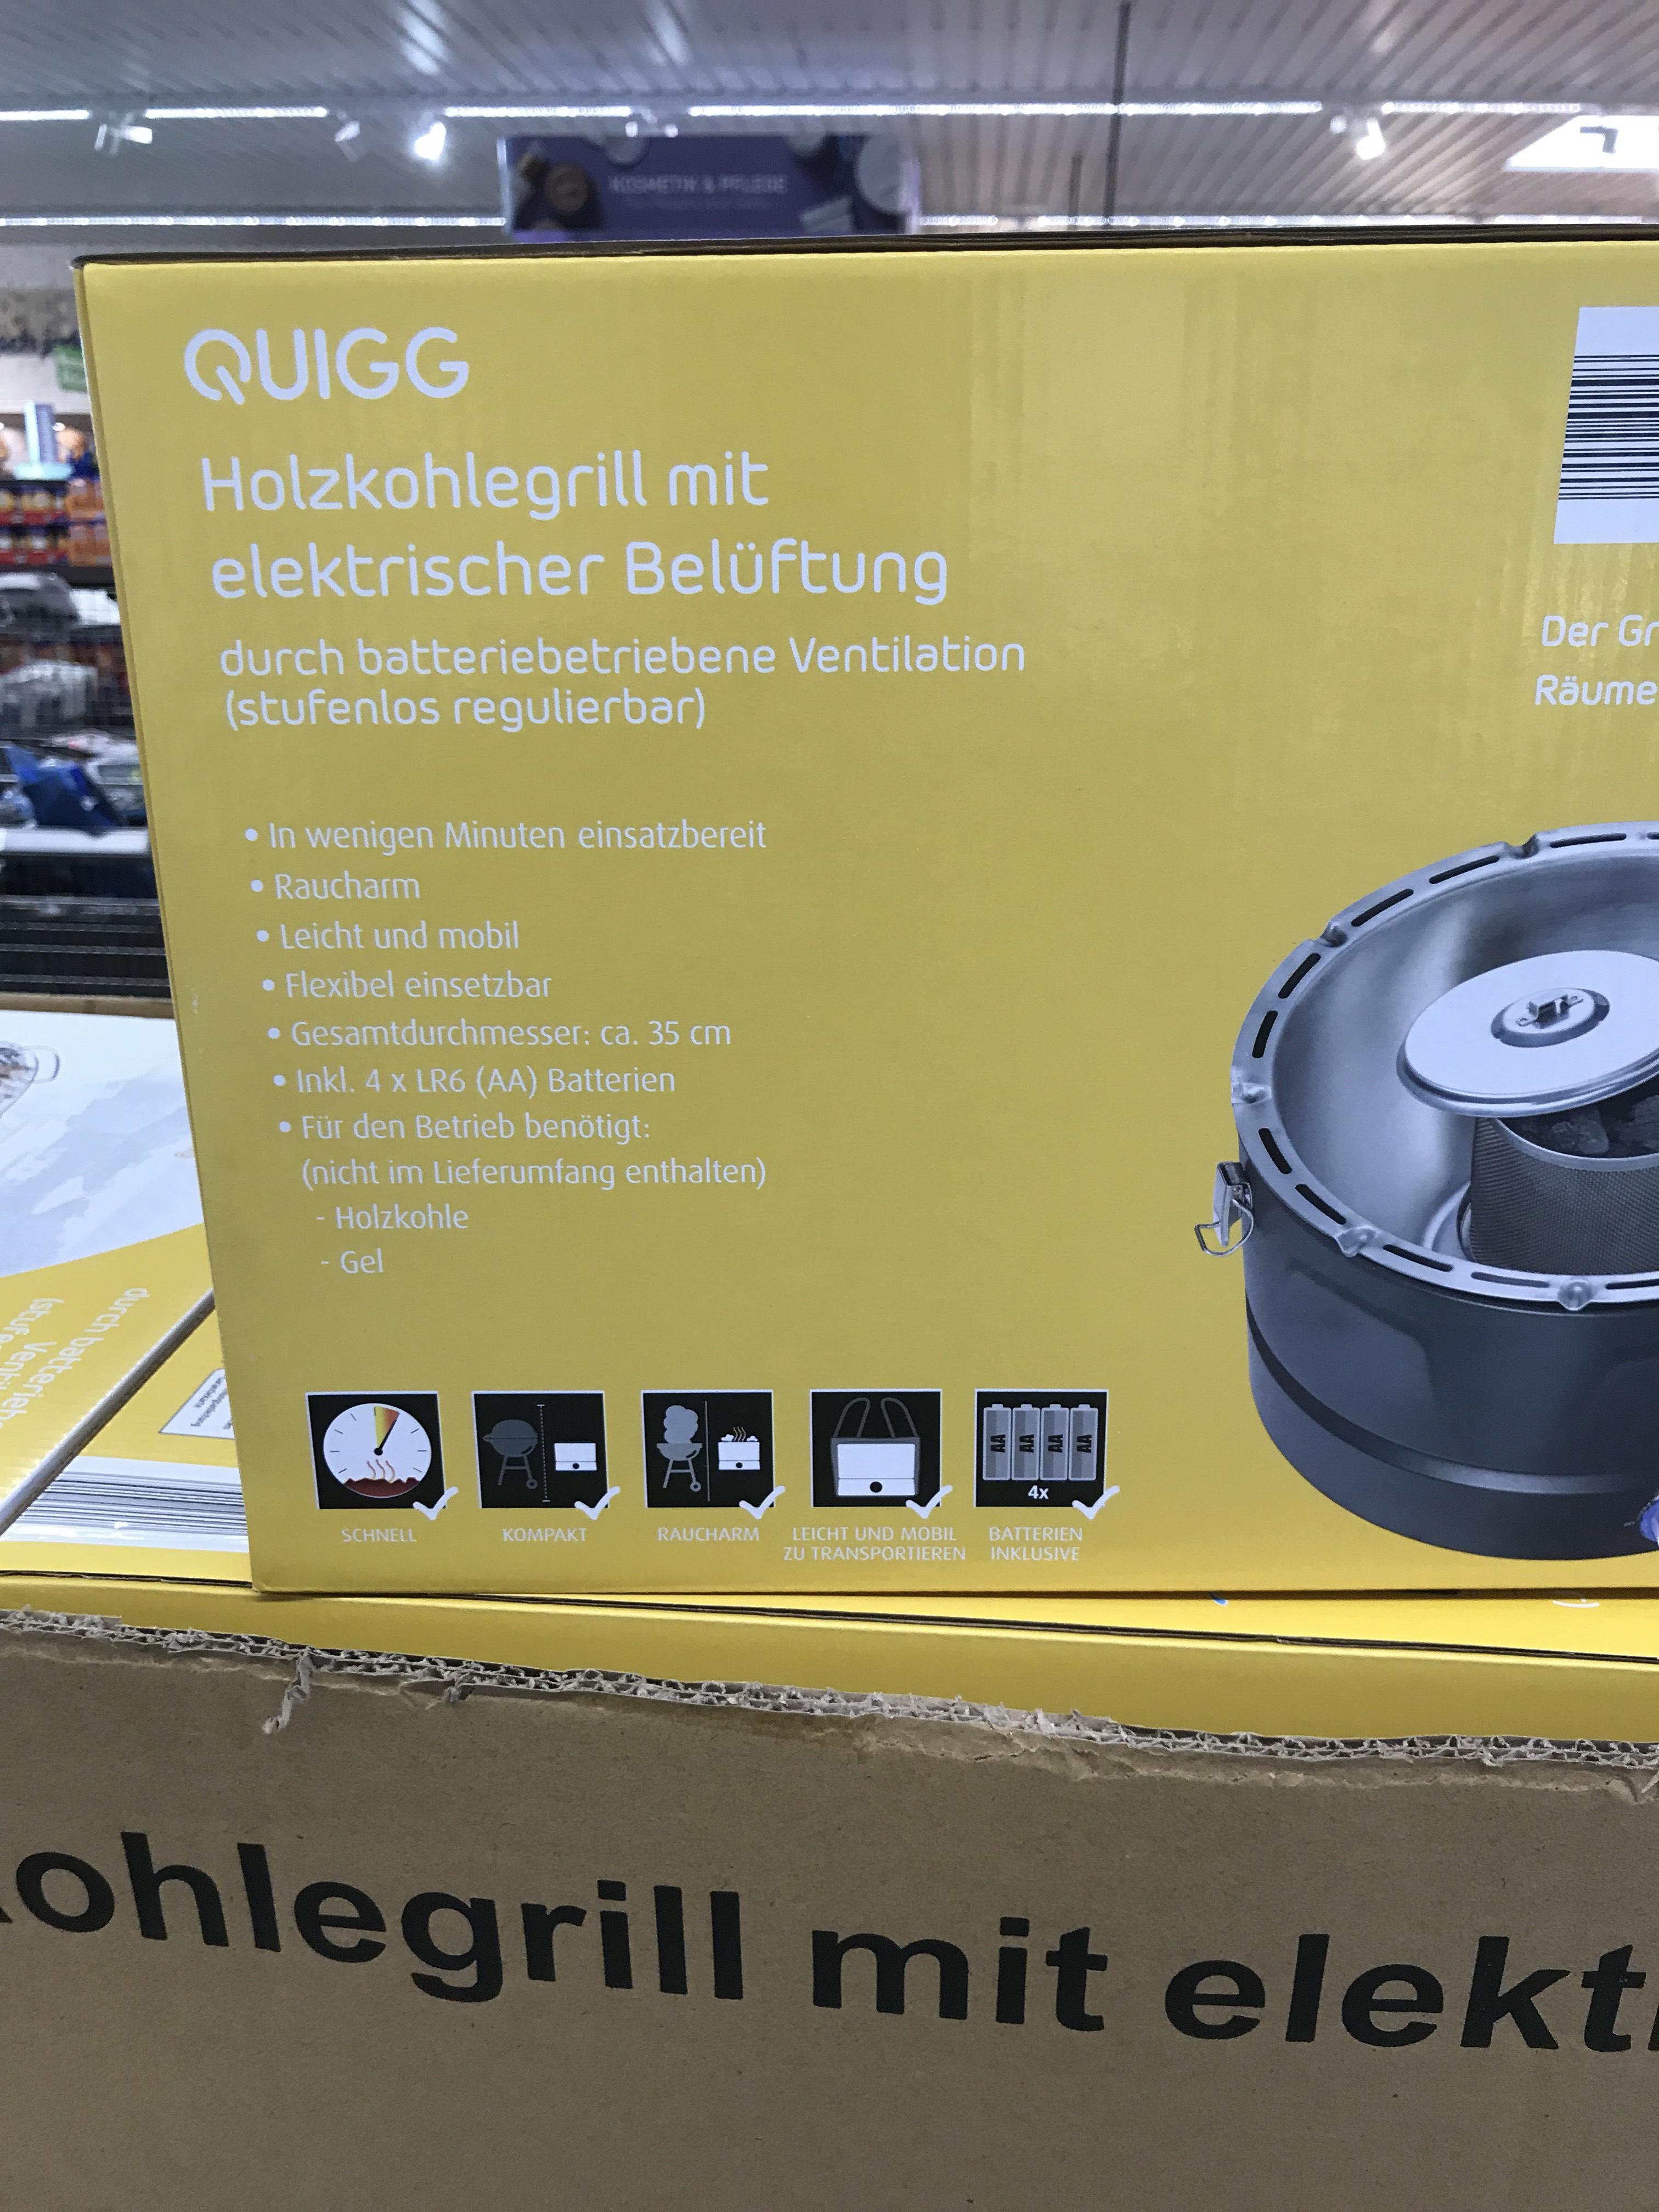 [Lokal Dortmund - ALDI NORD] QUIGG Holzkohlegrill mit elektrischer Belüftung (Lotus-ähnlich)